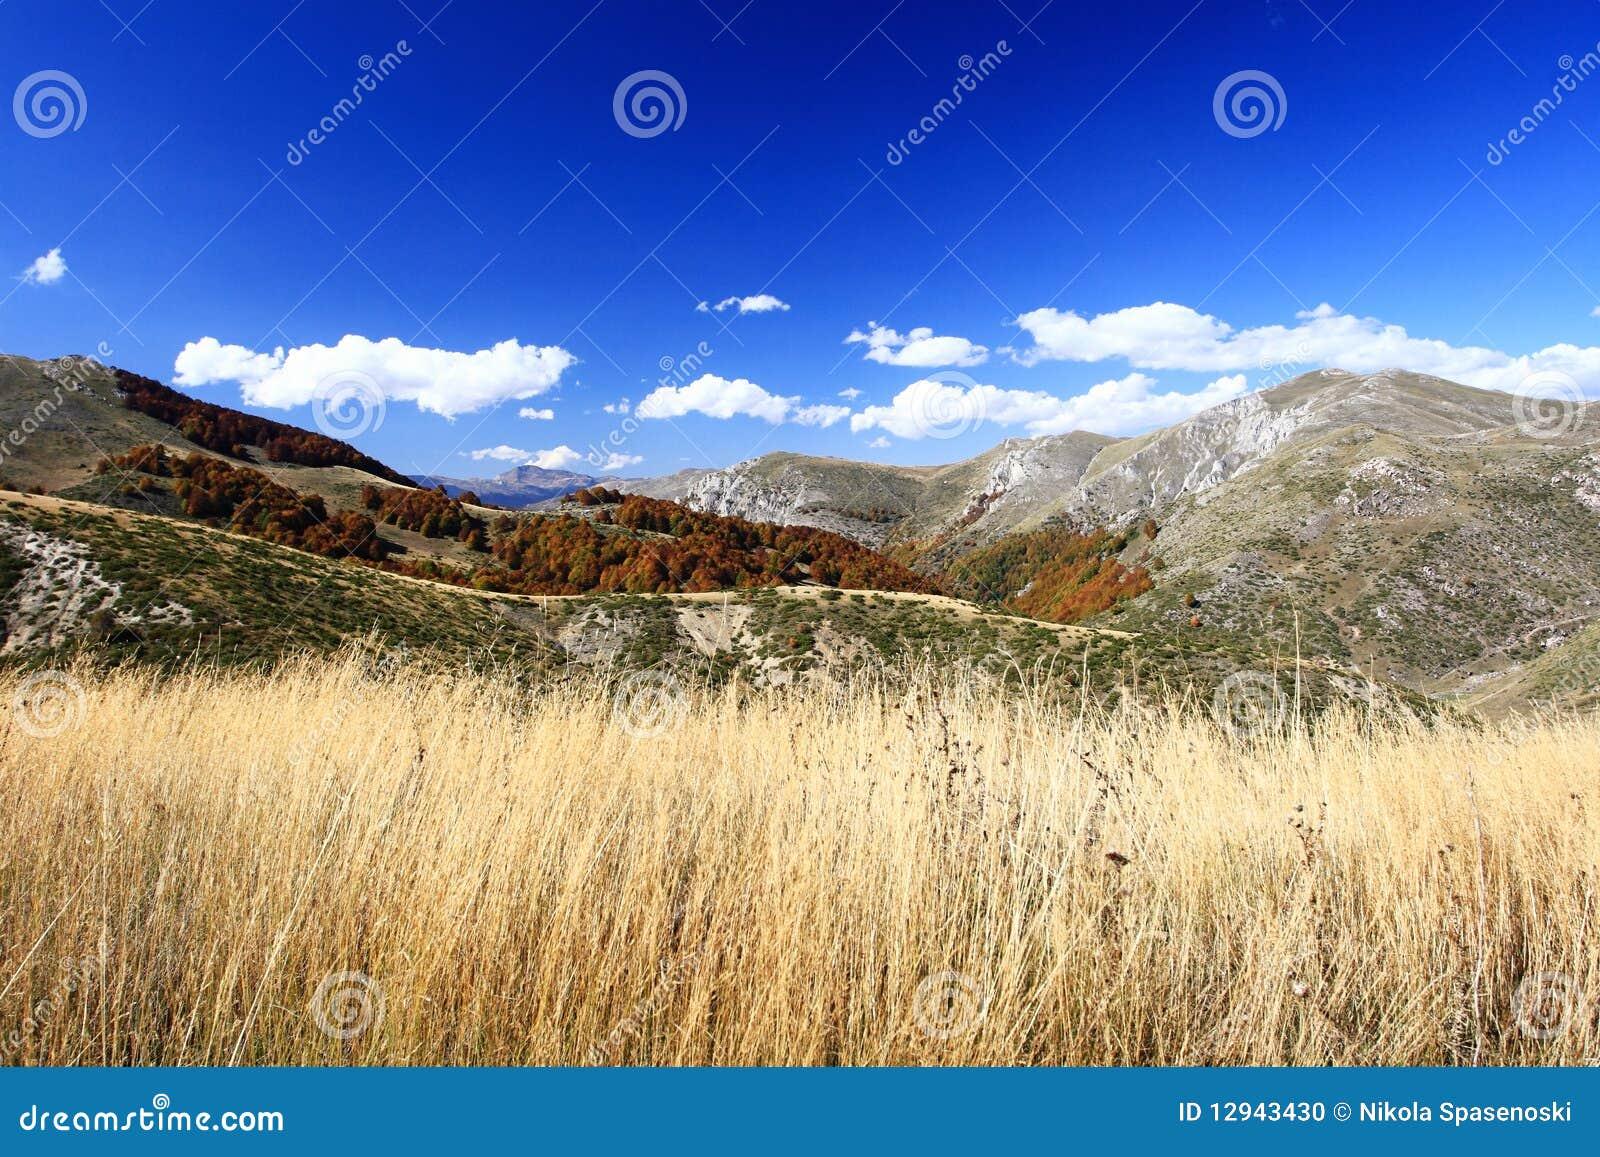 macedonian landscape - photo #16